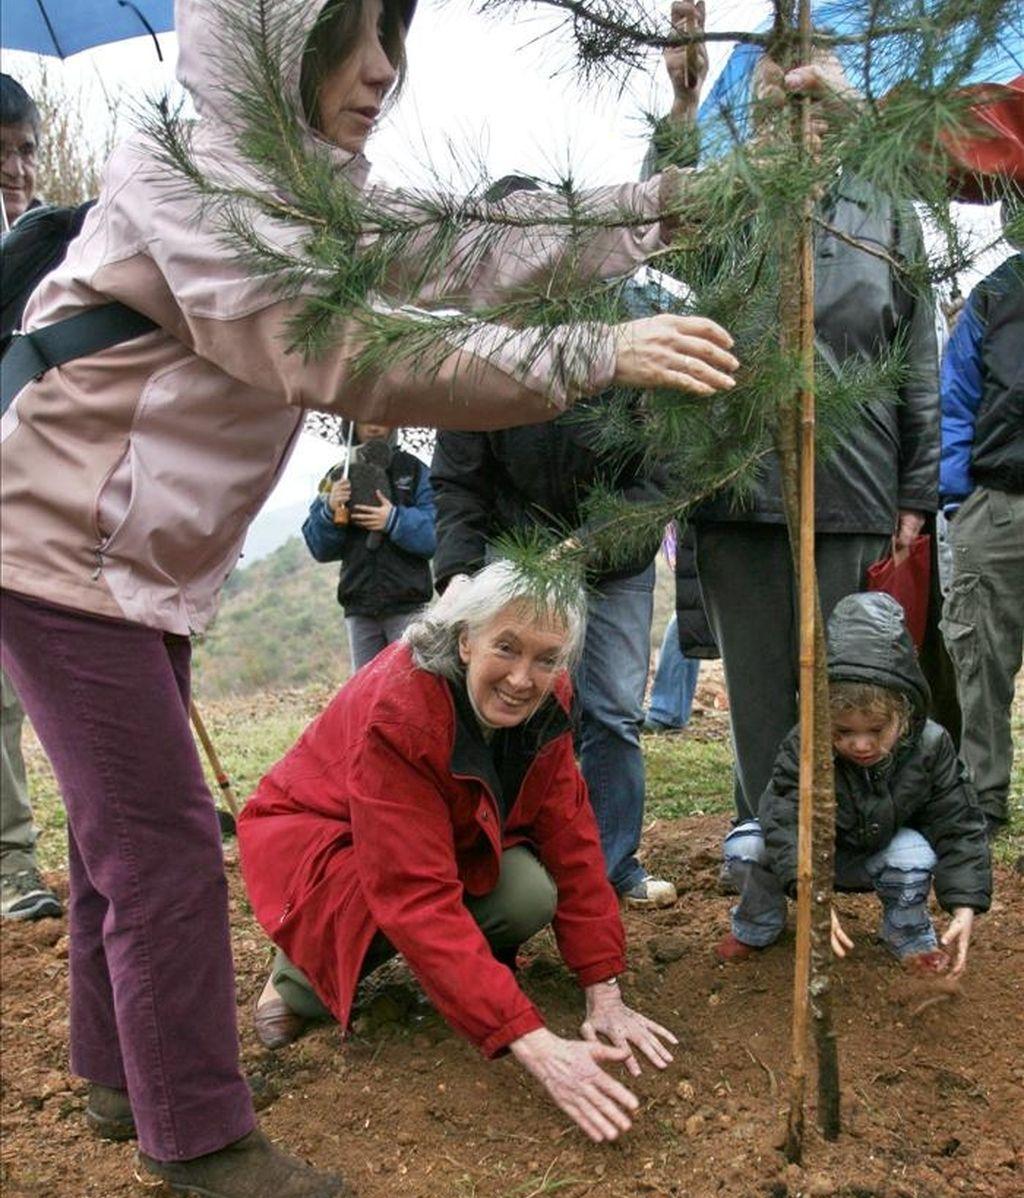 La etóloga británica Jane Goodall (agachada-c), durante una plantación de árboles para reforestar una zona de la sierra de Collserola (Barcelona). EFE/Archivo